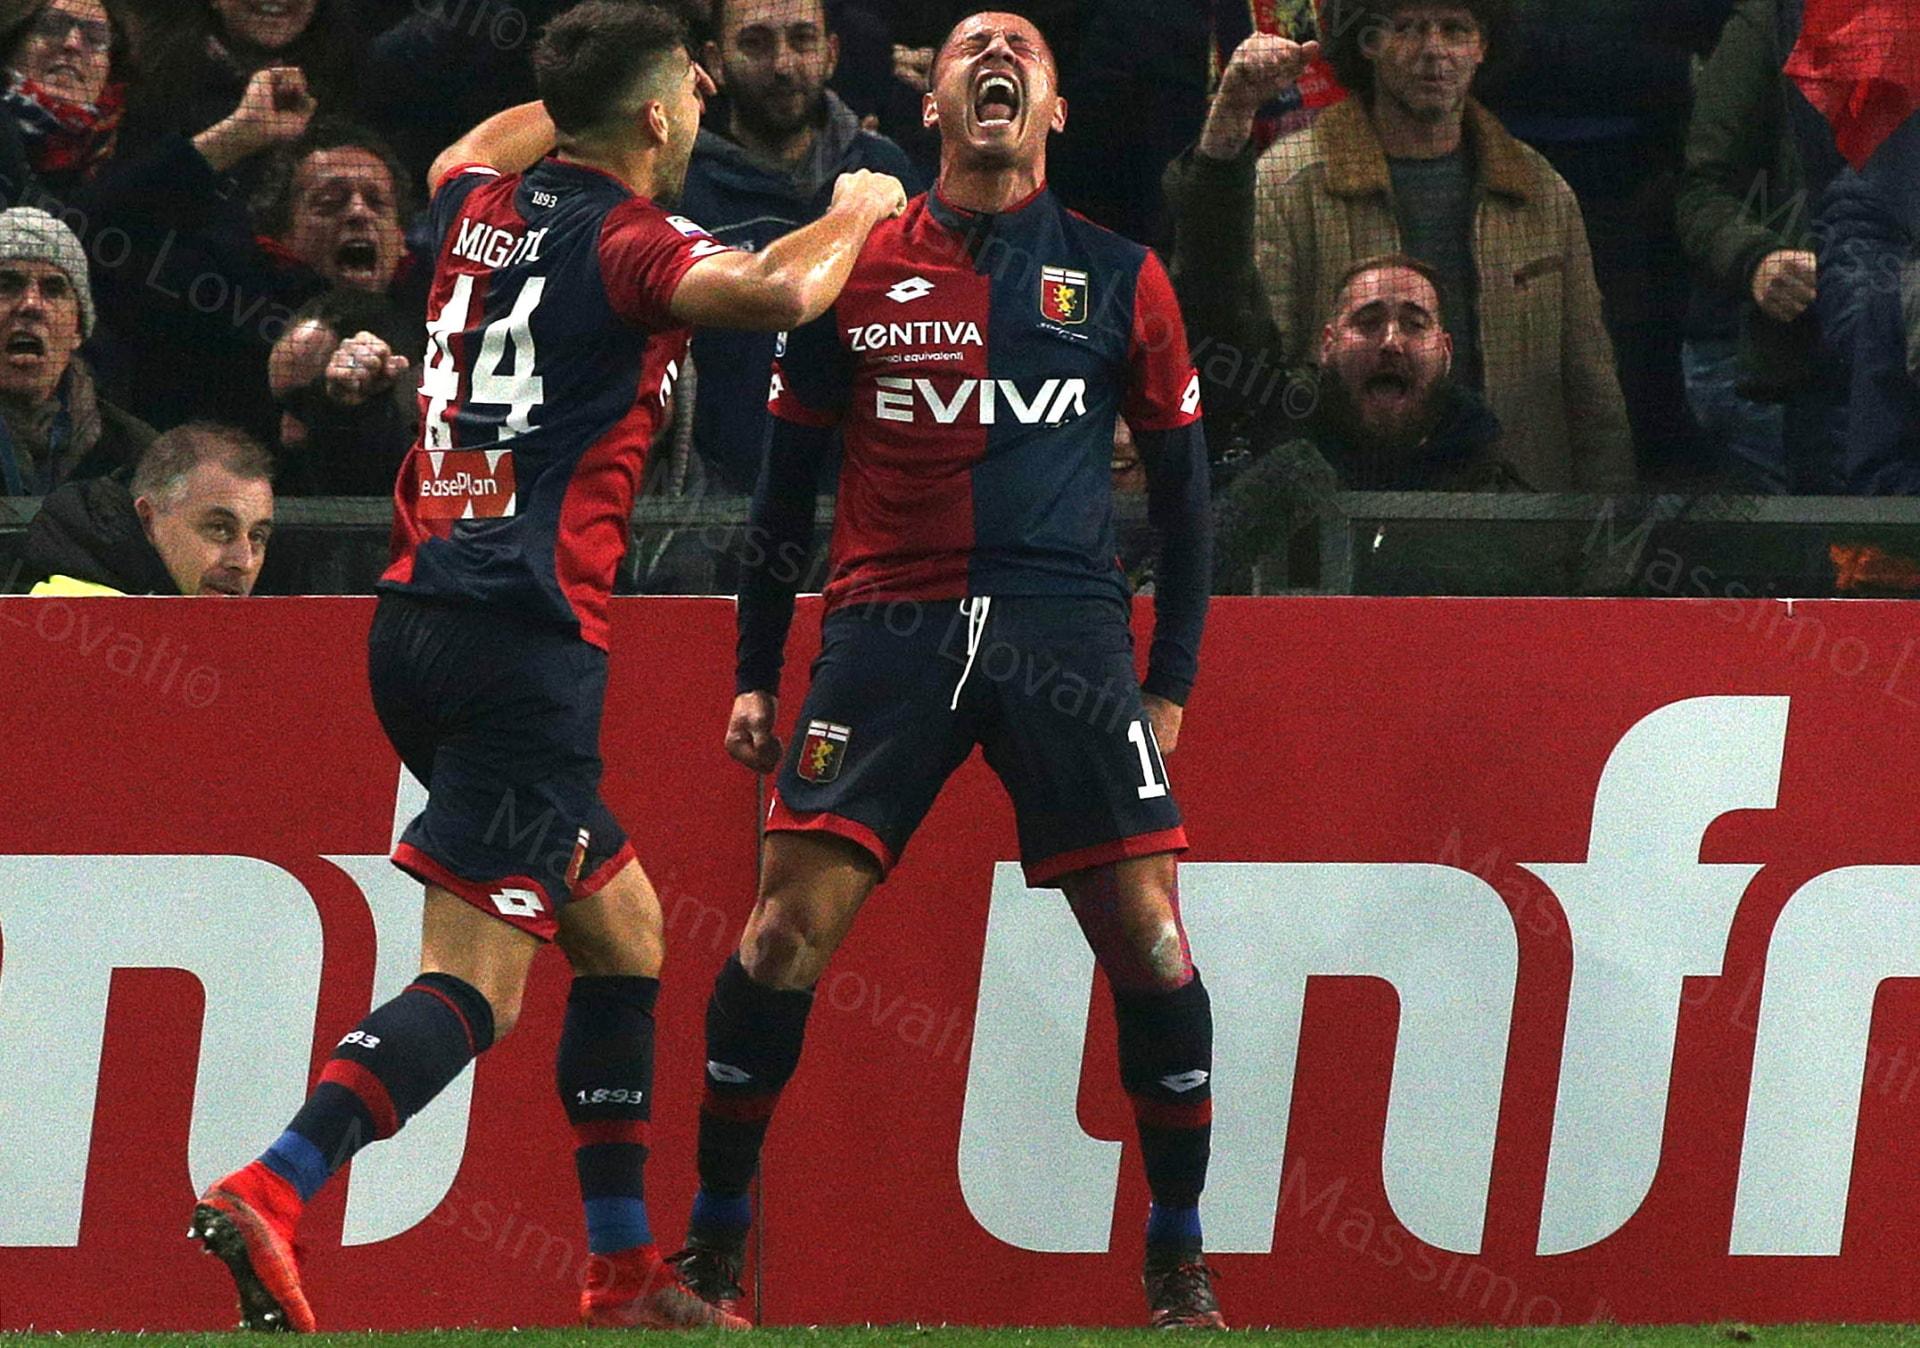 23/12/2017, Genova , Campionato di Calcio Serie A, Genoa- Benevento, nella foto esulti dio Lapadula dopo il goal